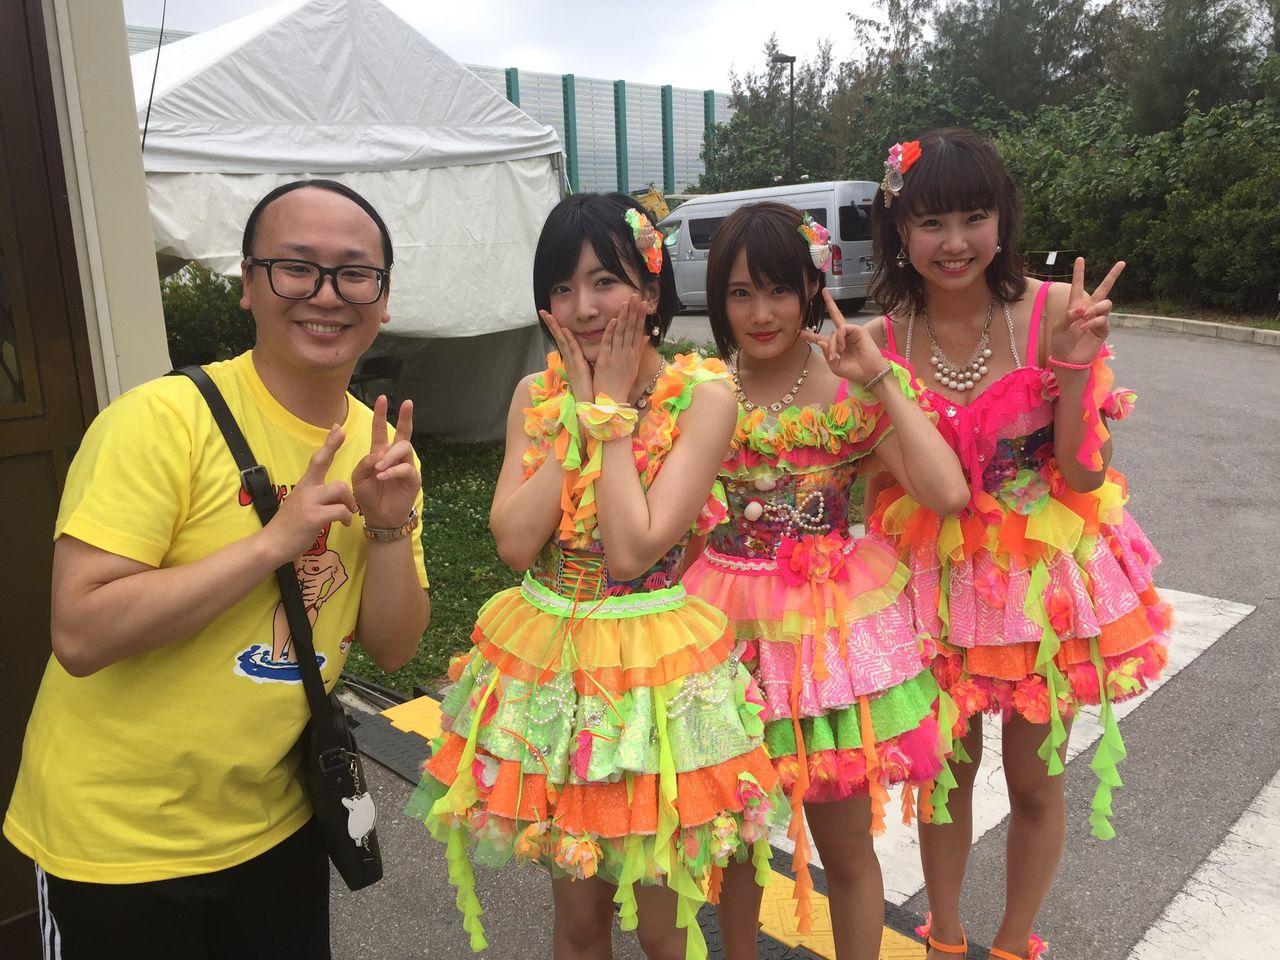 【沖縄国際映画祭】NMB48出演『KawaiianTVスペシャルステージ』セットリスト・実況などまとめ